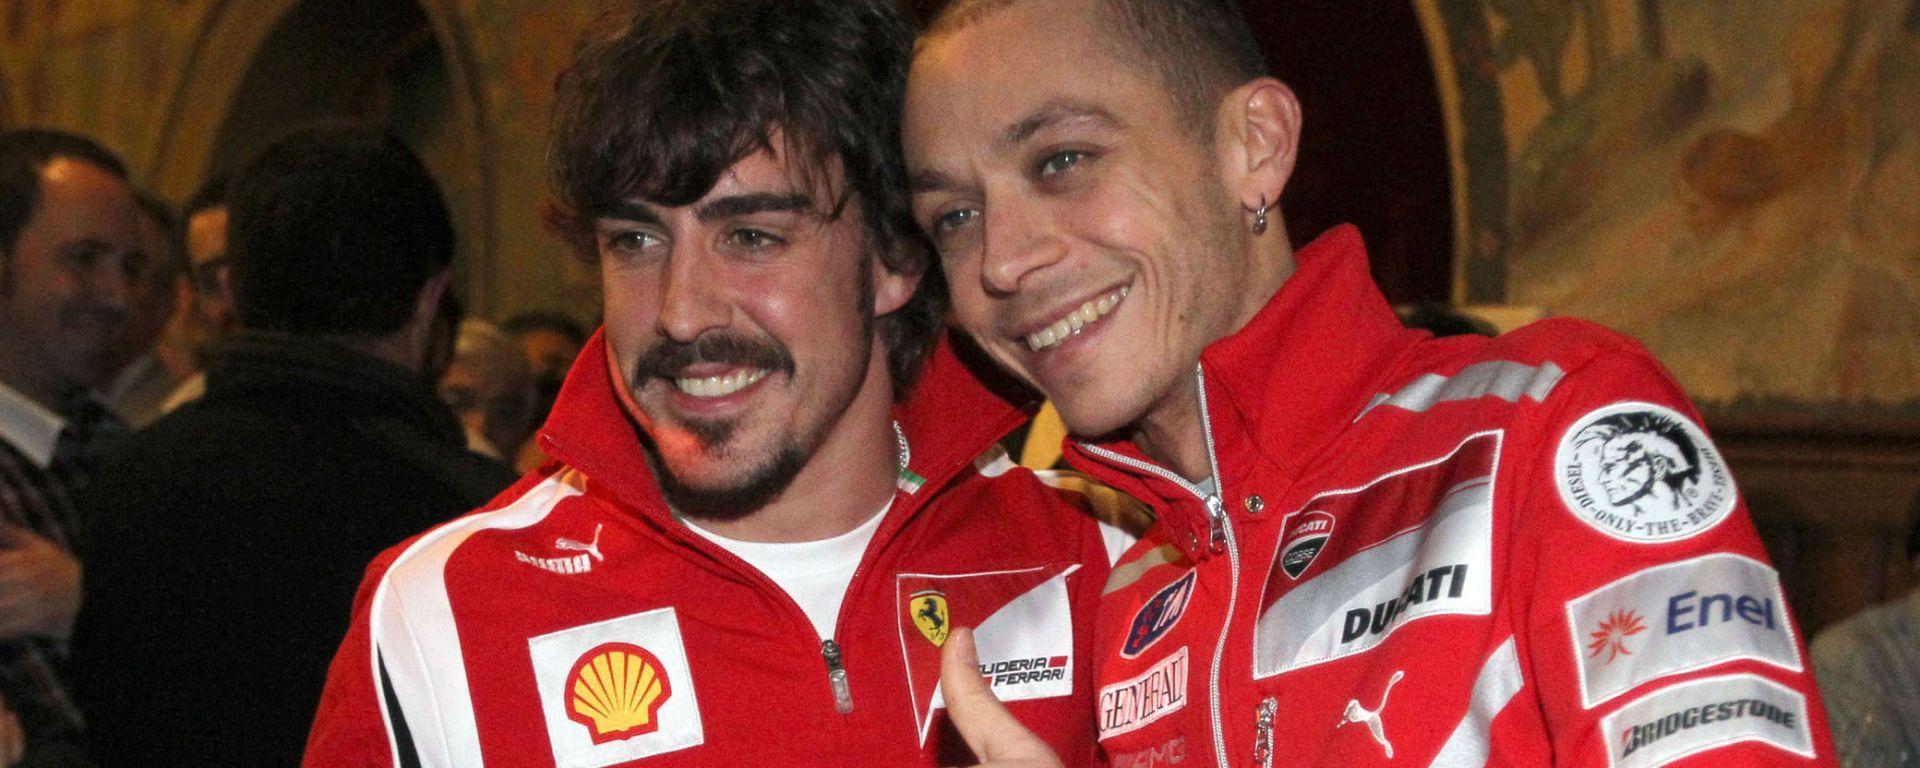 Fernando Alonso e Valentino Rossi assieme ai tempi di Ferrari e Ducati